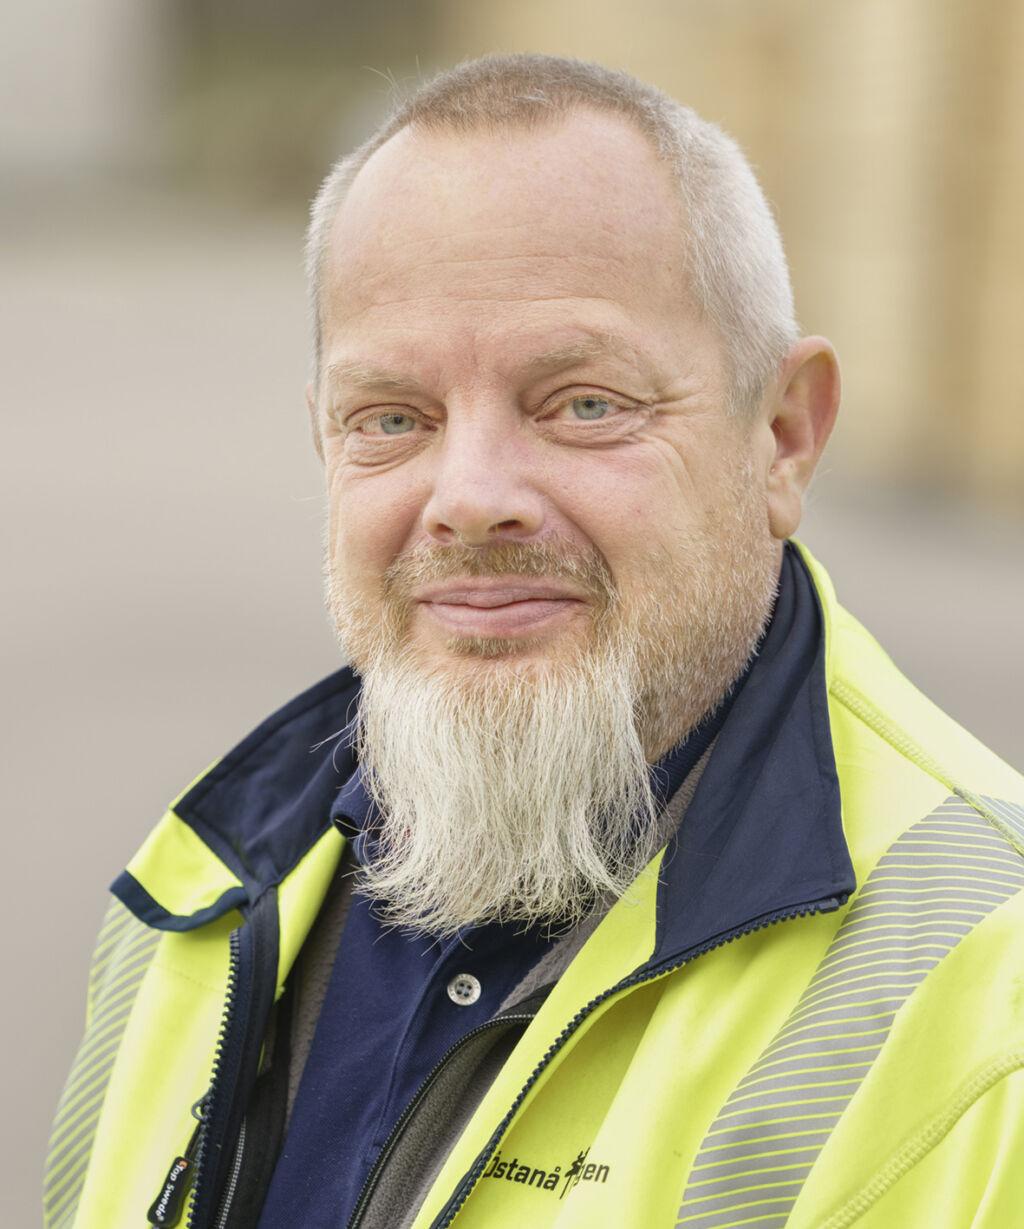 Jörgen Rensbo